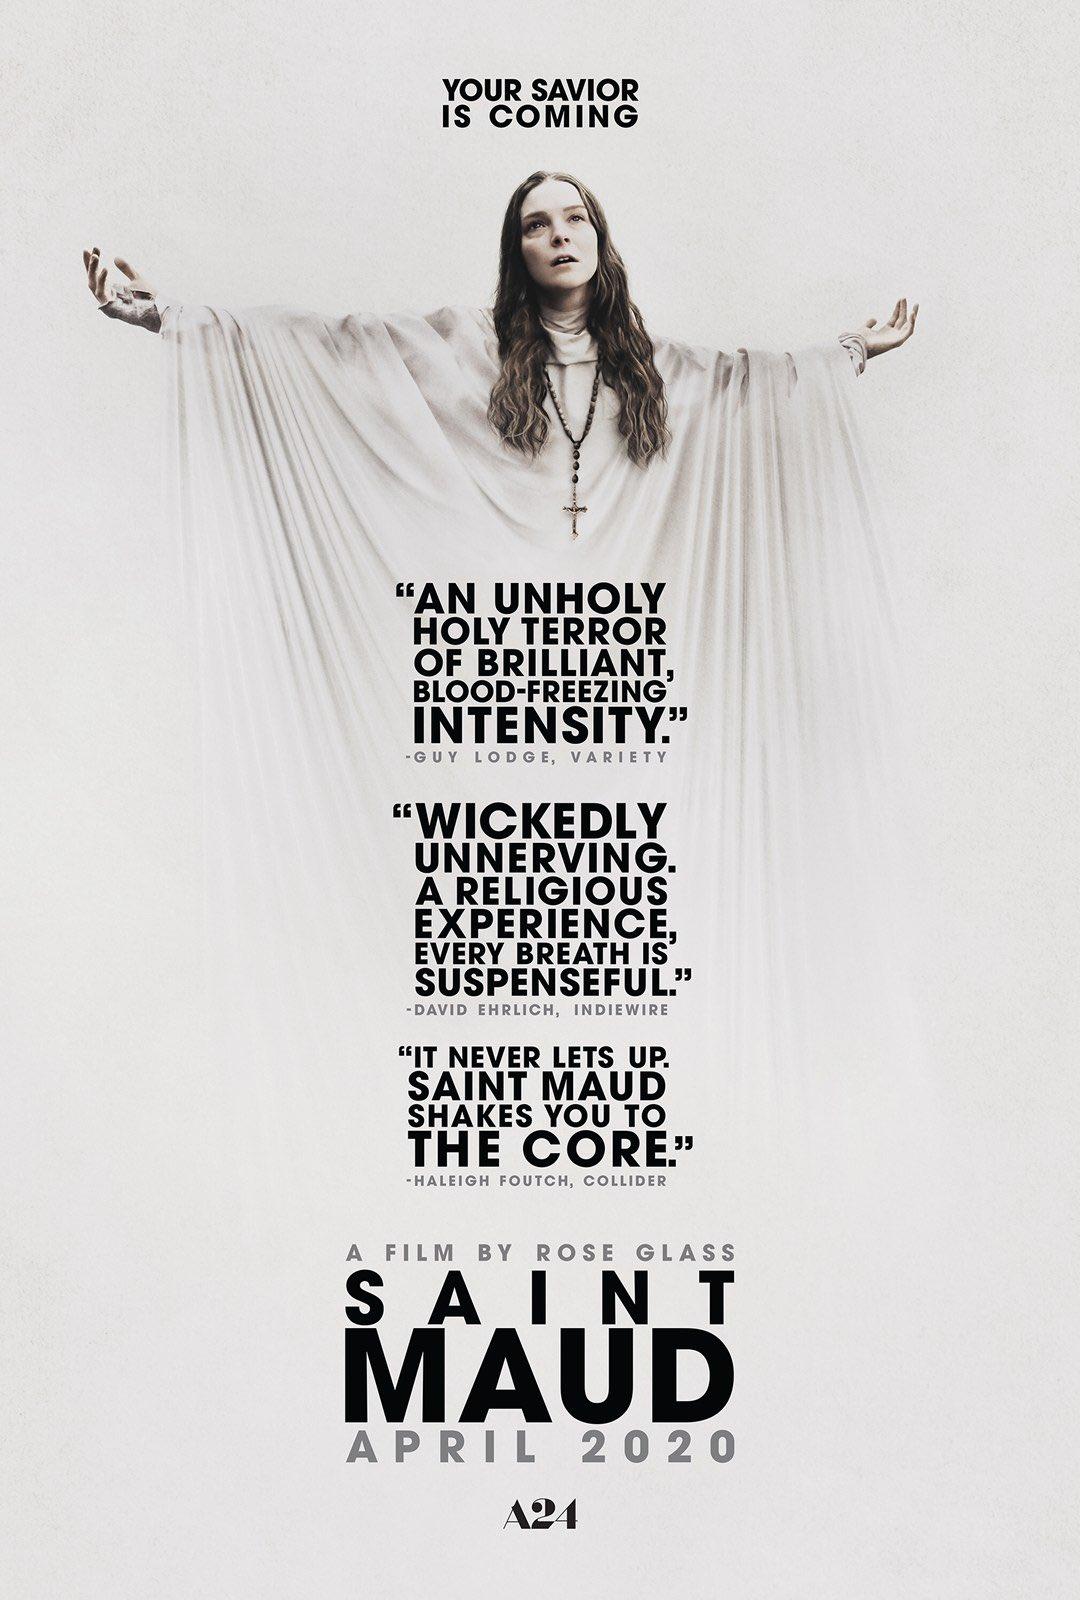 святая мод 2019 постер